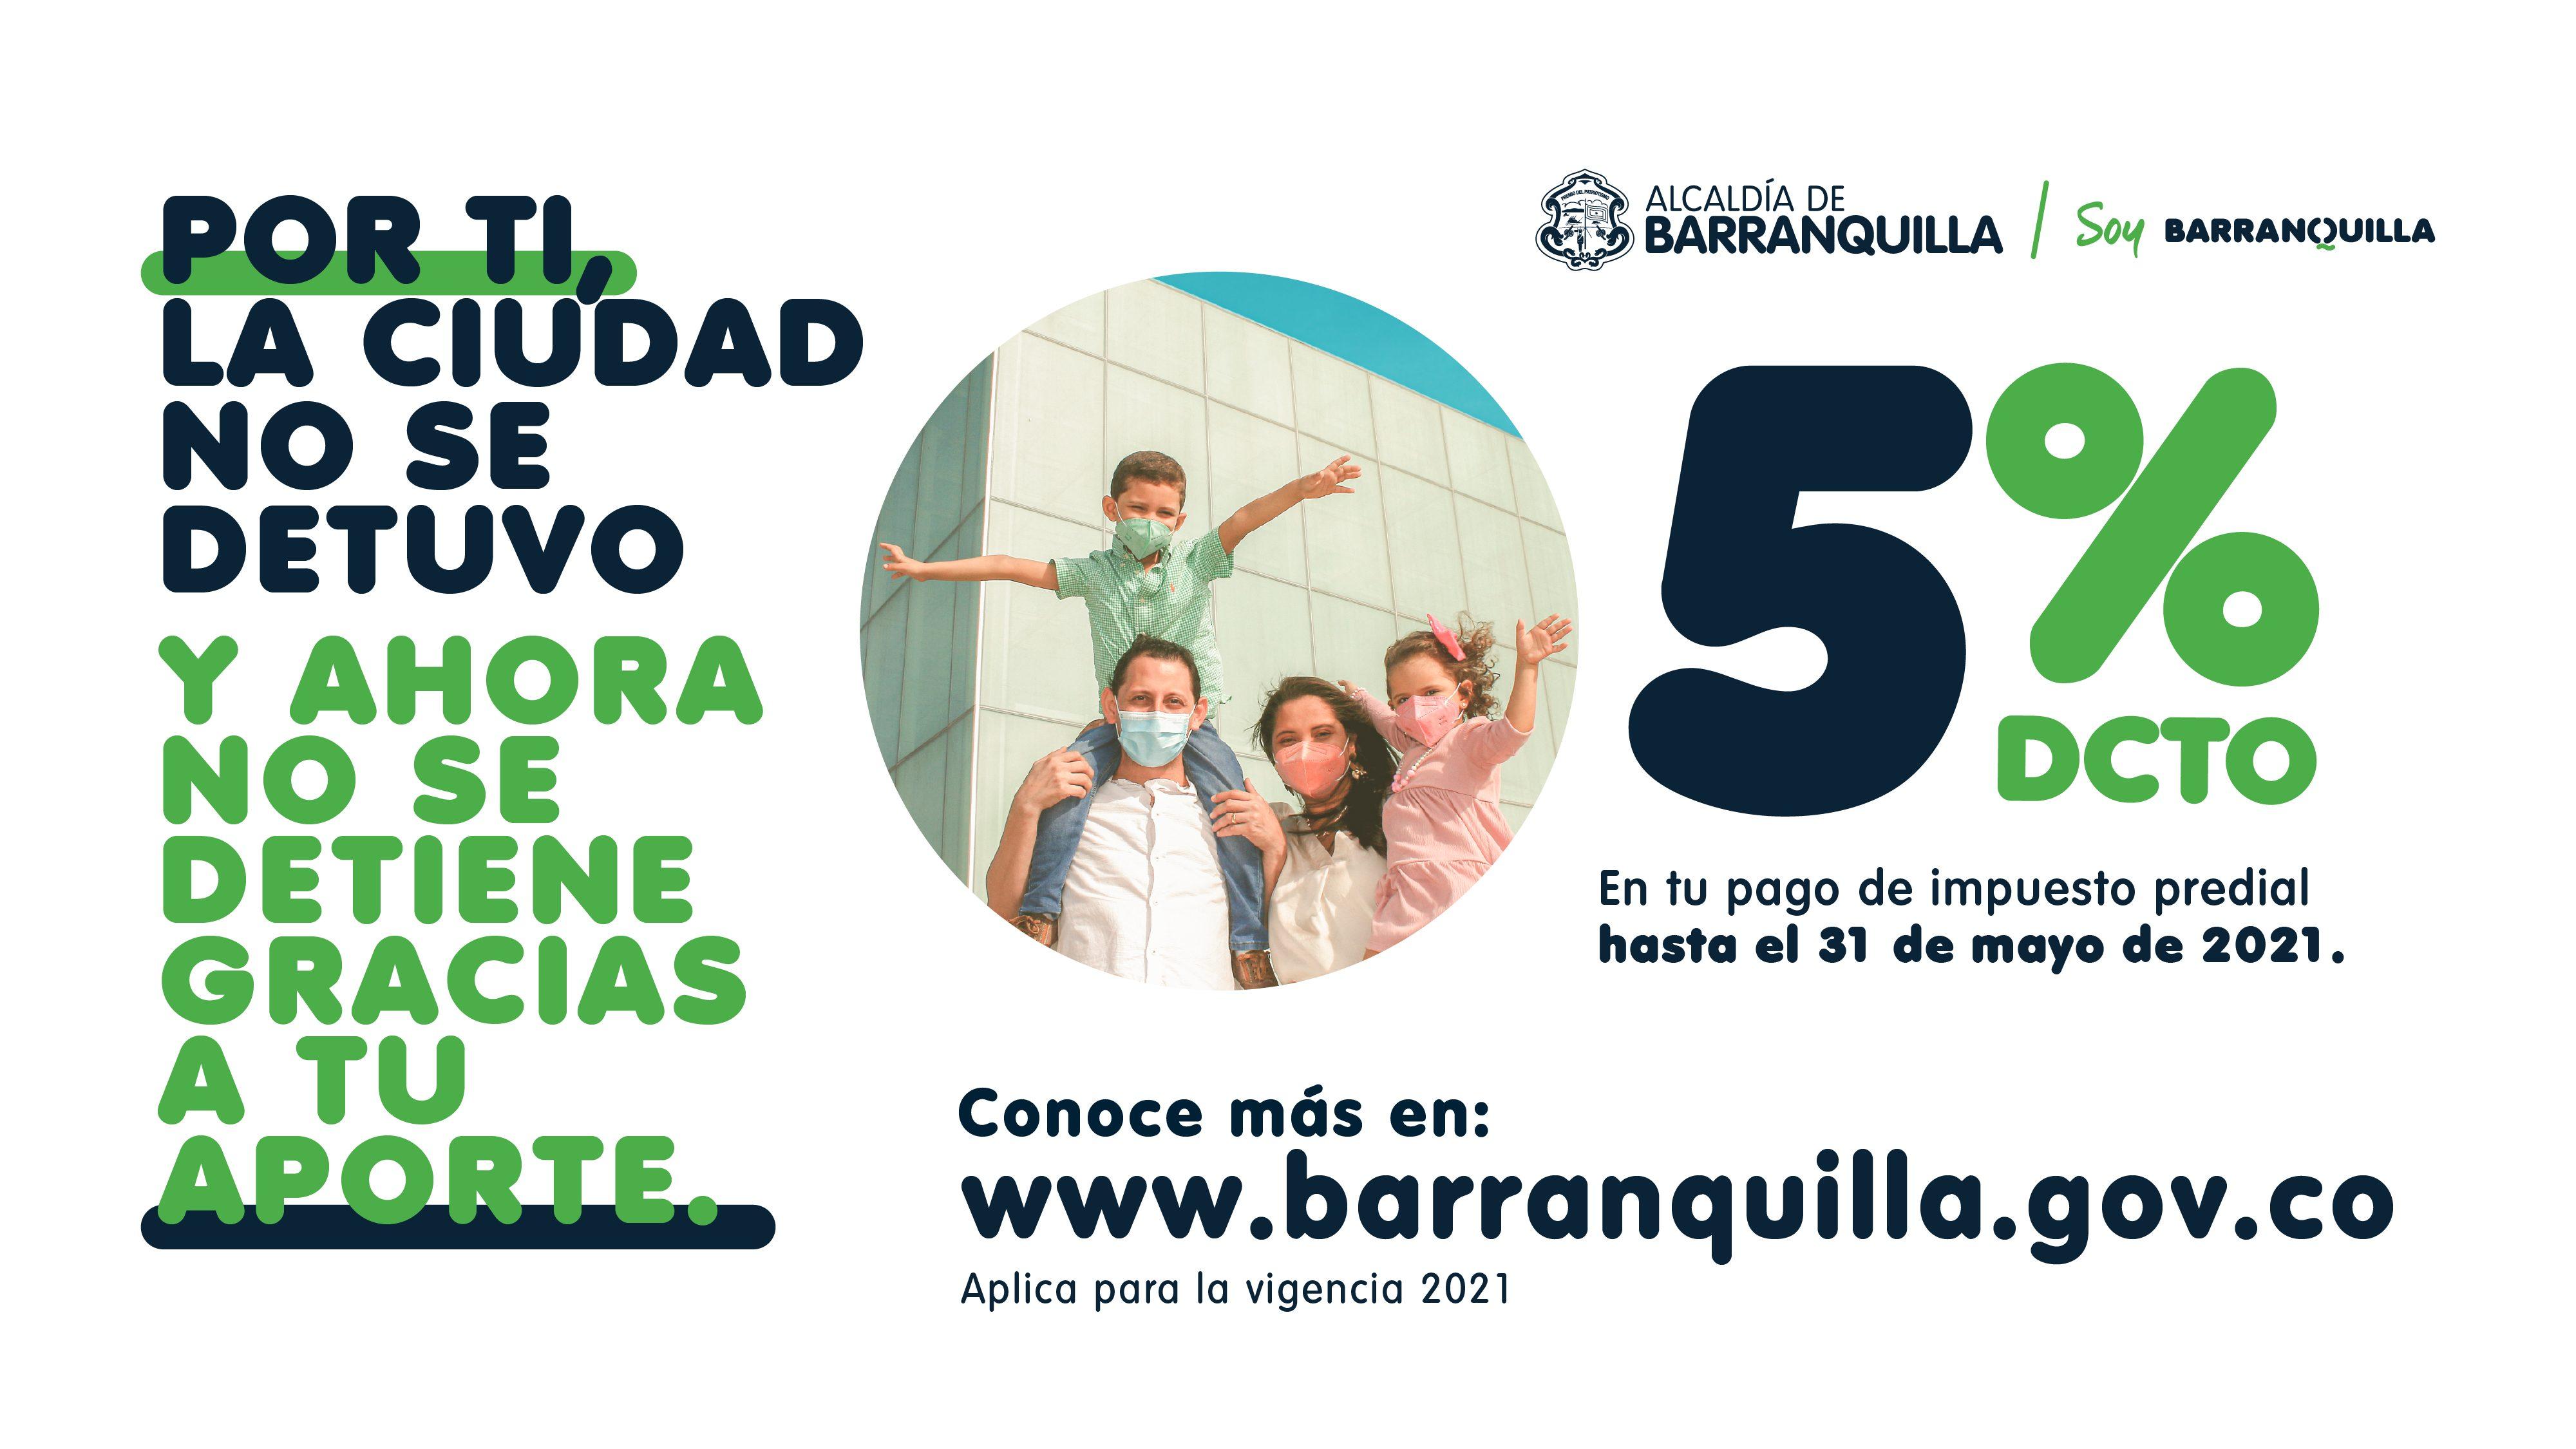 Últimos días para aprovechar 5% de descuento en el impuesto predial – @alcaldiabquilla